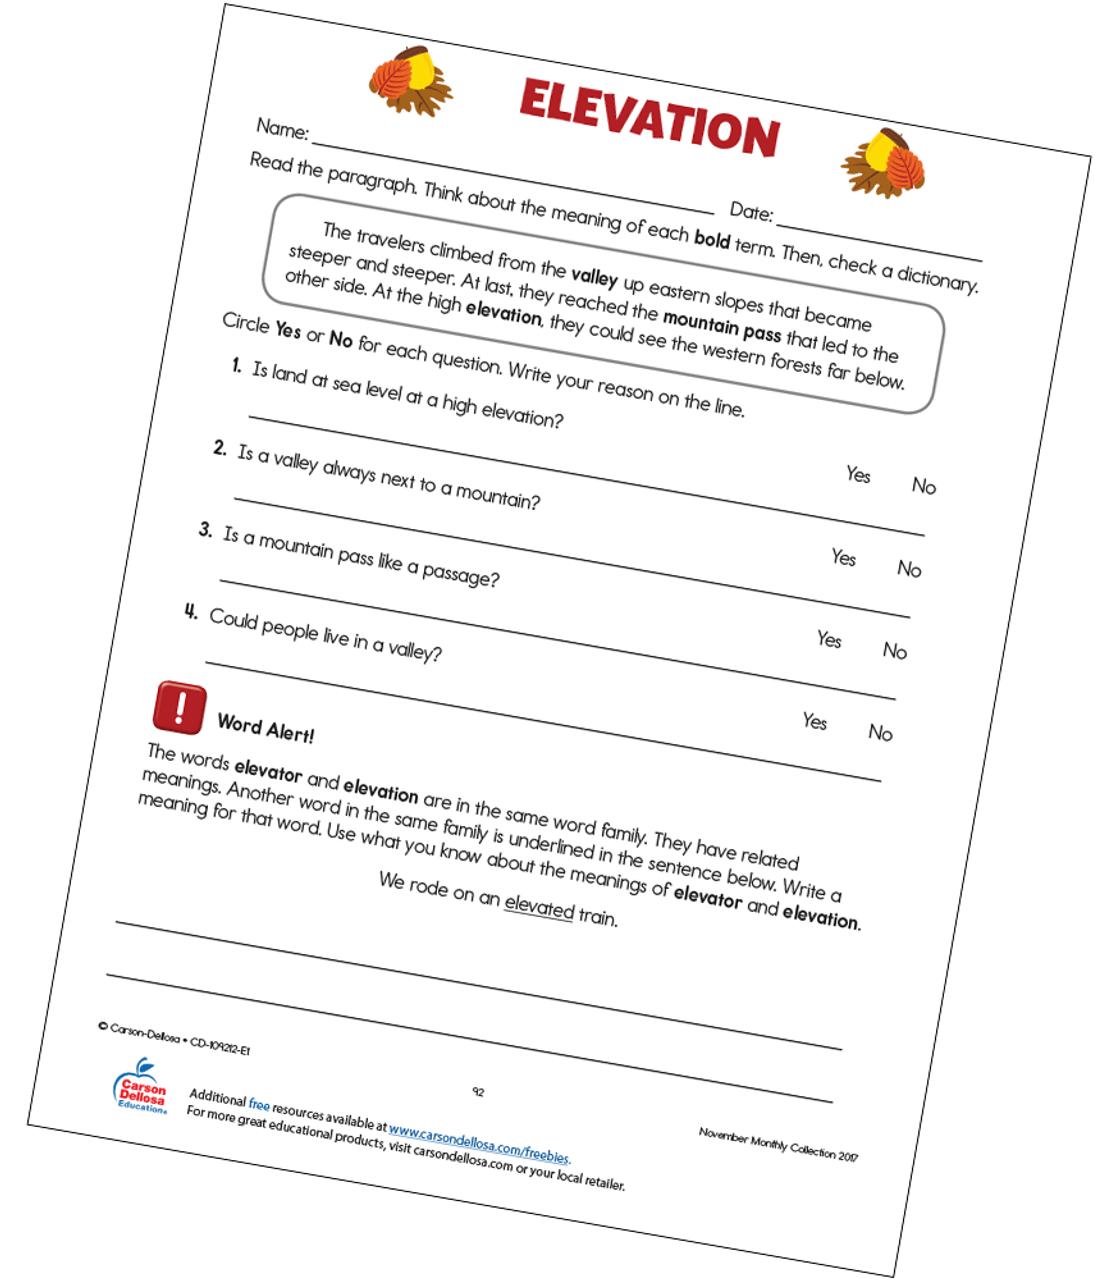 small resolution of Elevation Free Printable   Carson Dellosa